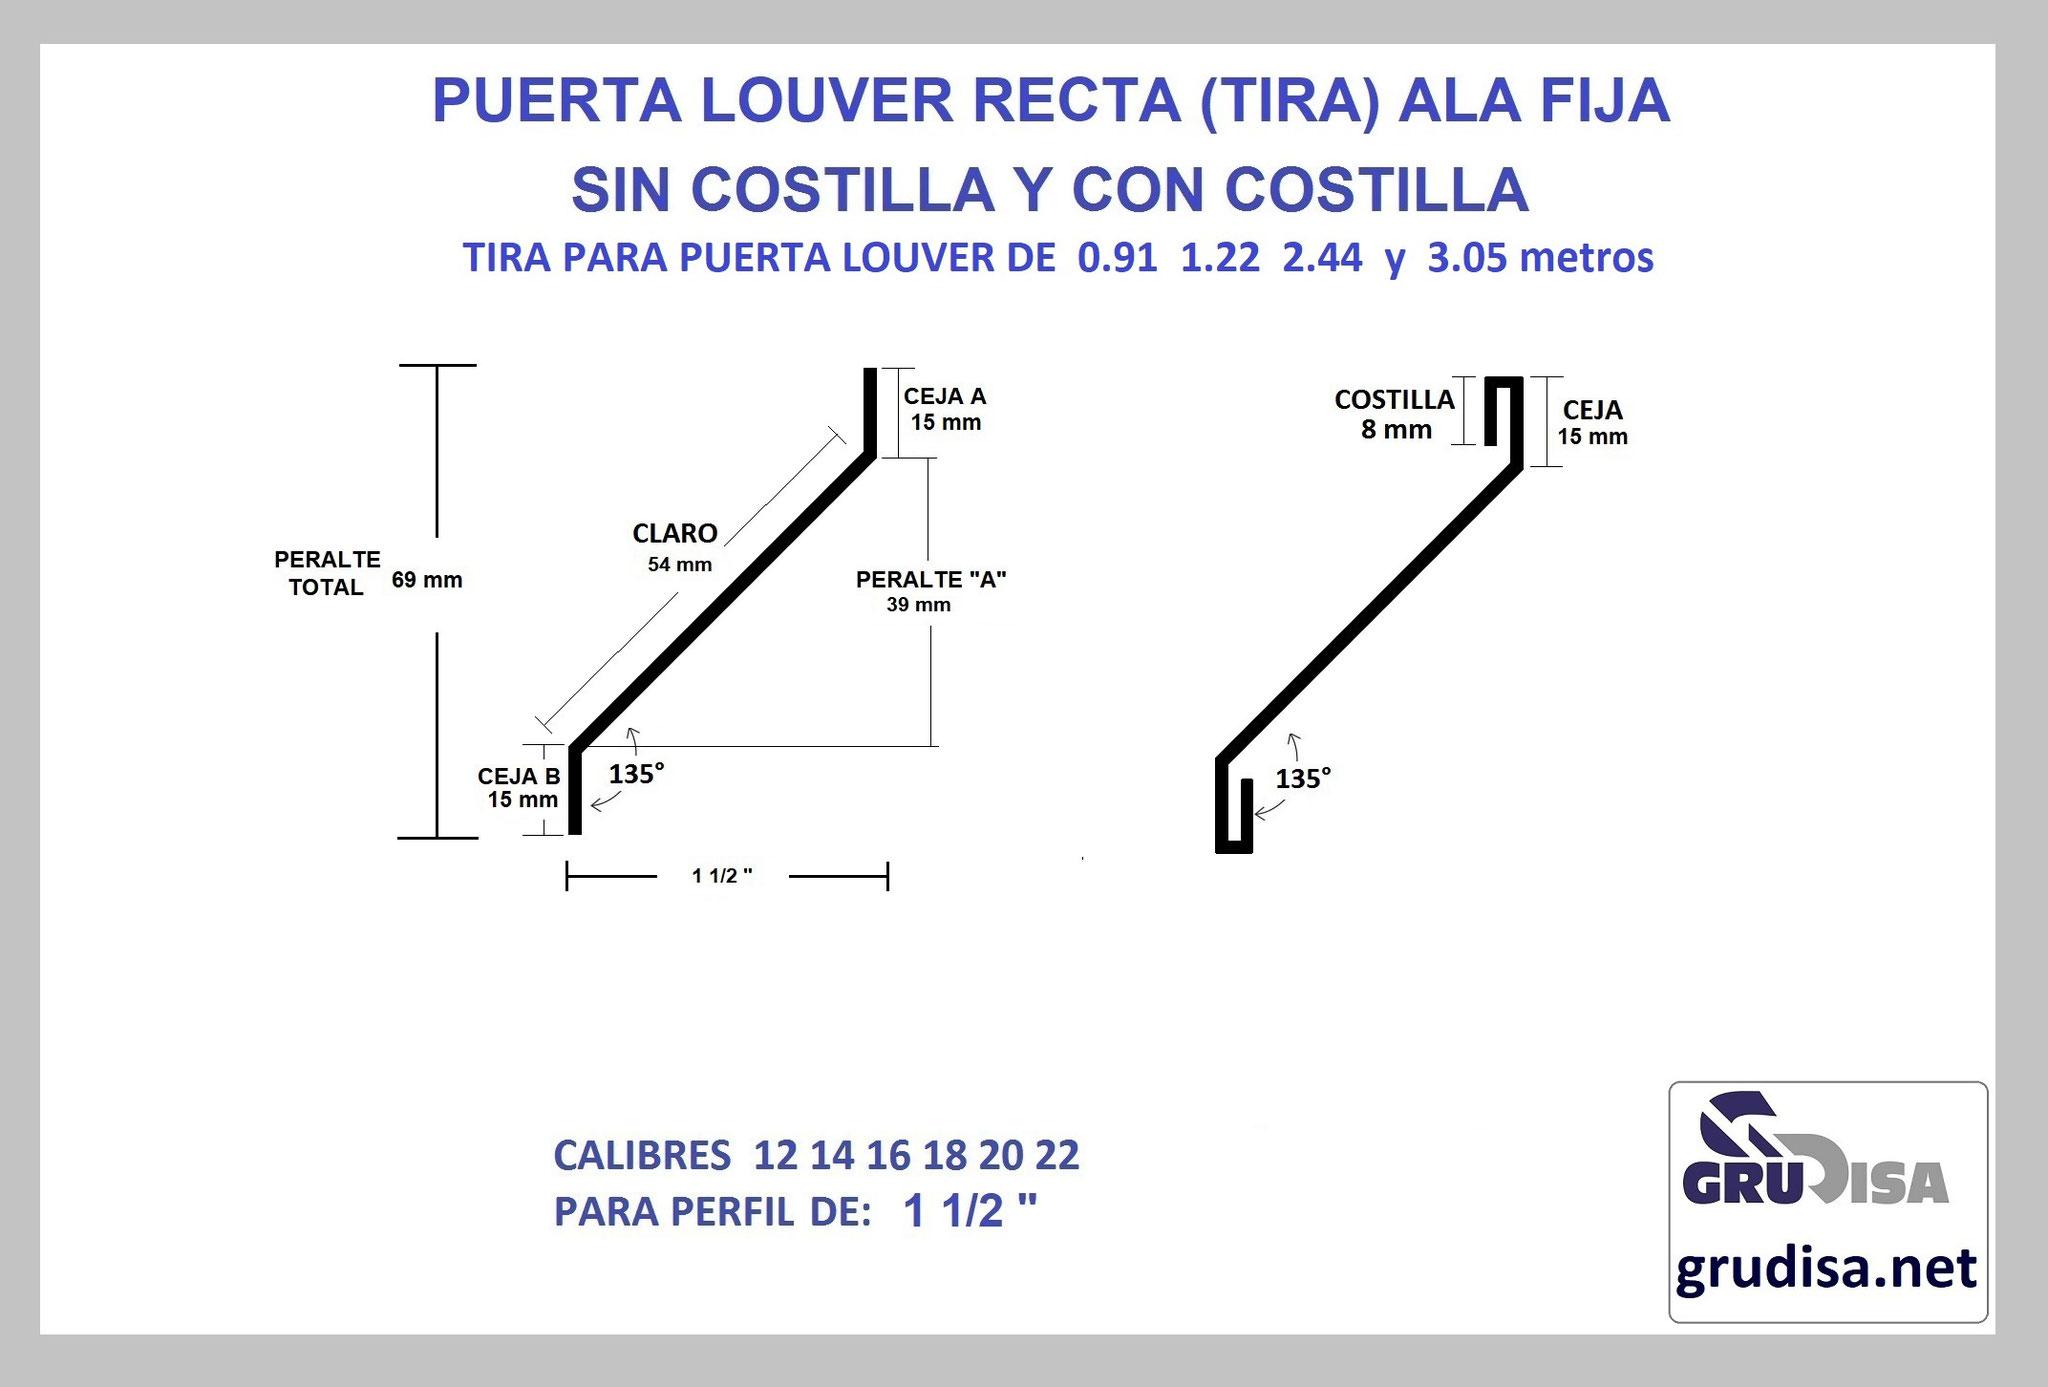 """PUERTA LOUVER (TIRA) MODELO RECTA PARA ARMAR EN PERFIL DE 1 1/2"""""""